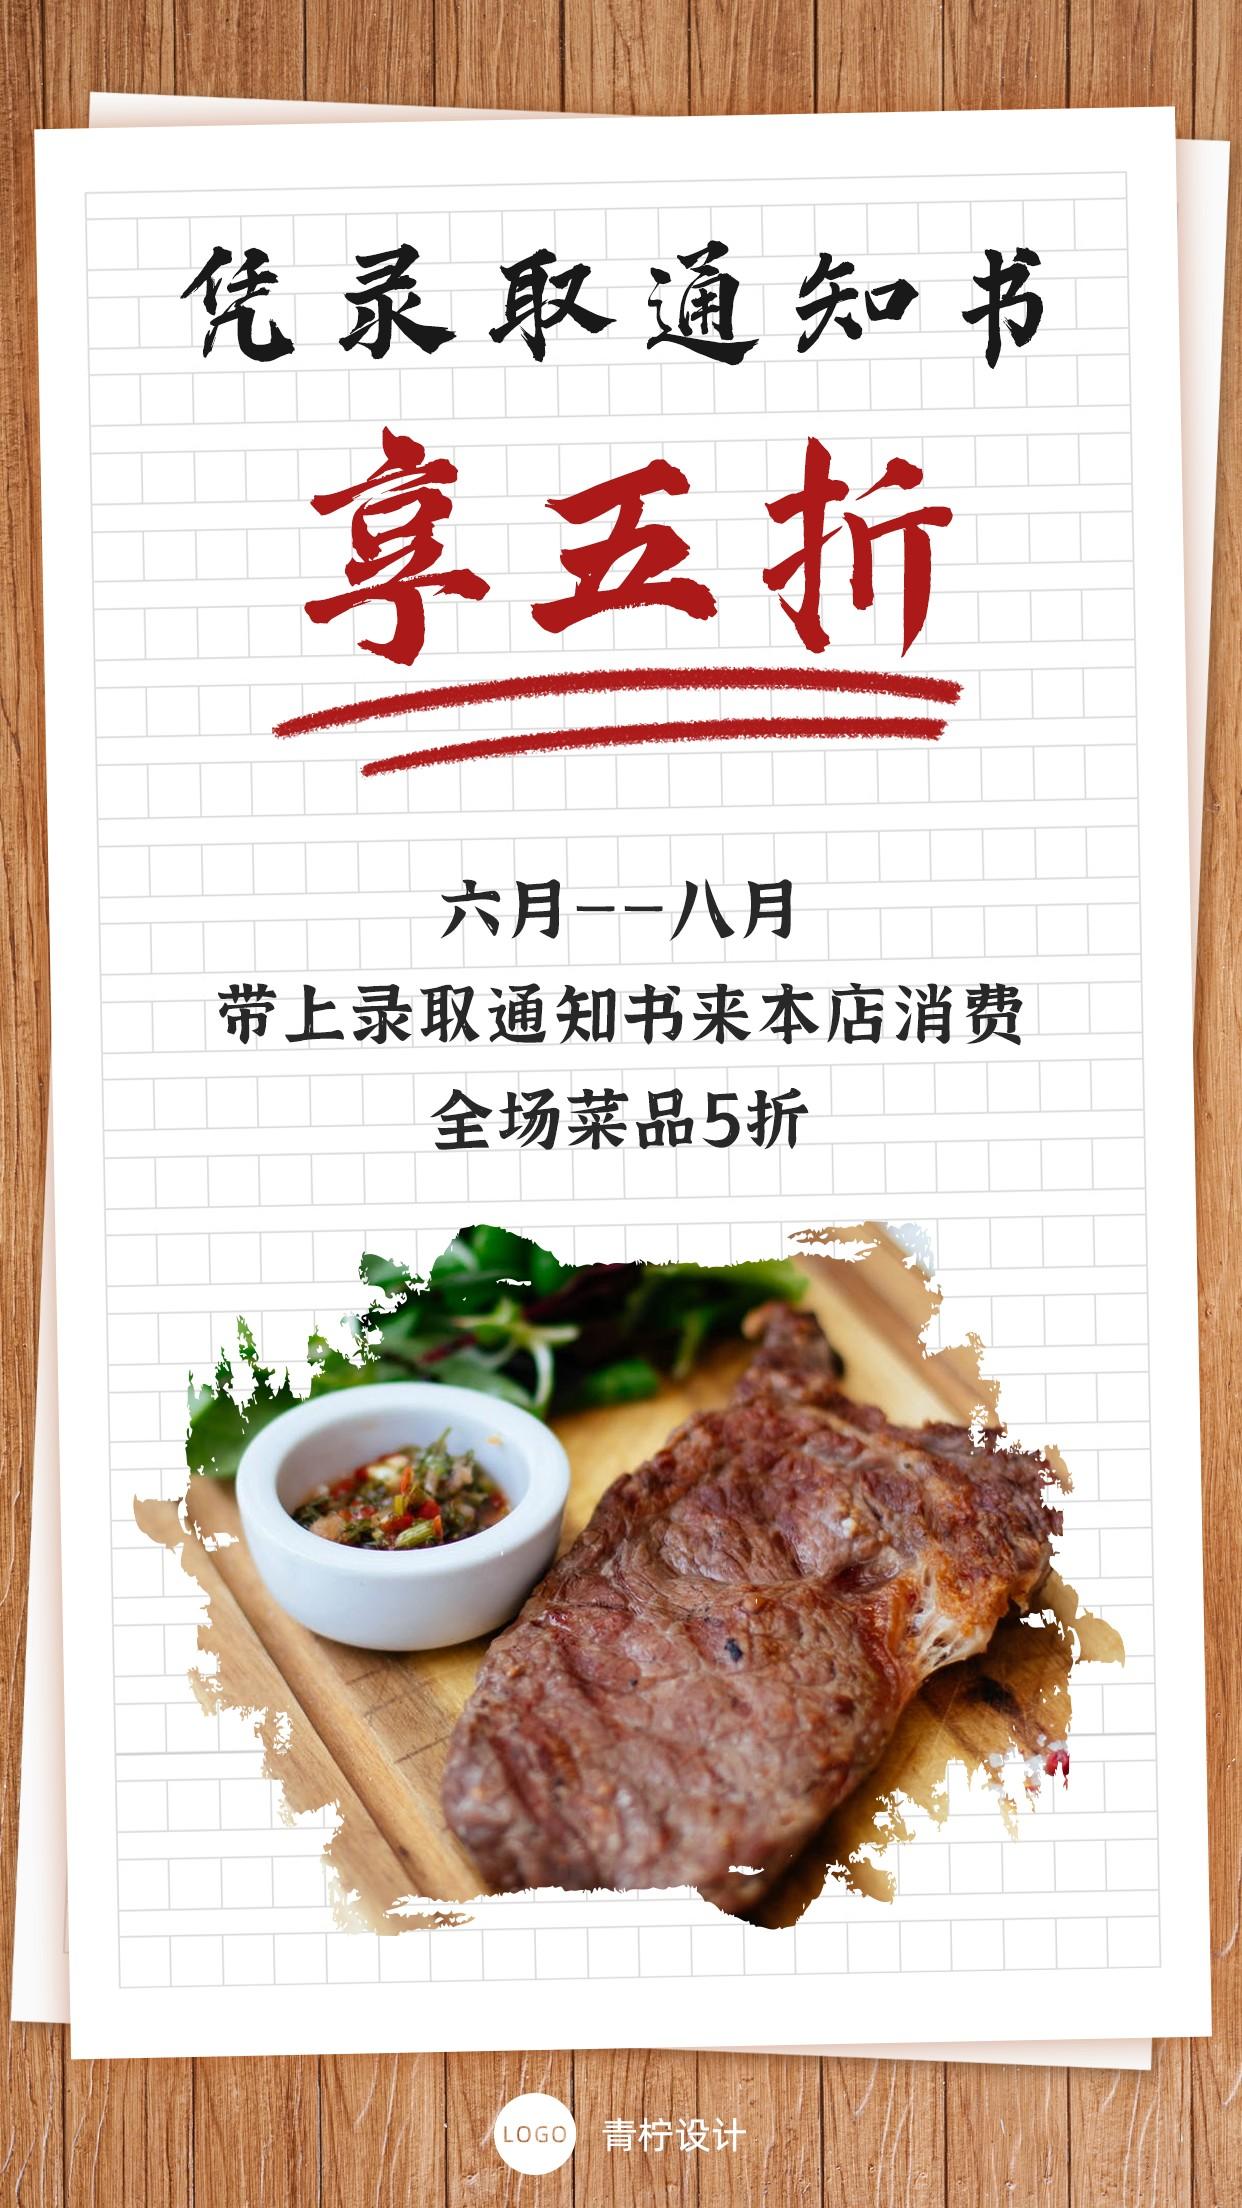 扁平餐饮美食高考手机海报